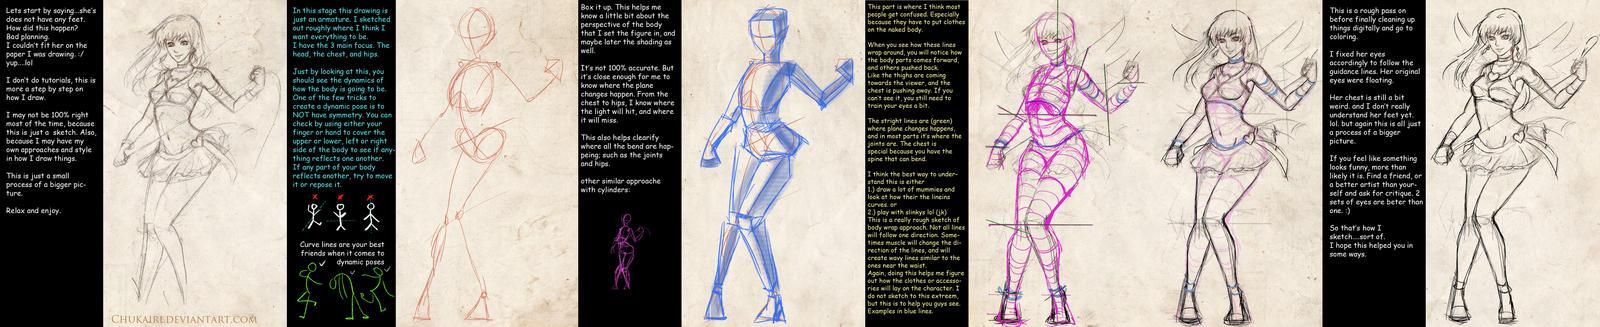 Sketch Process by Chukairi